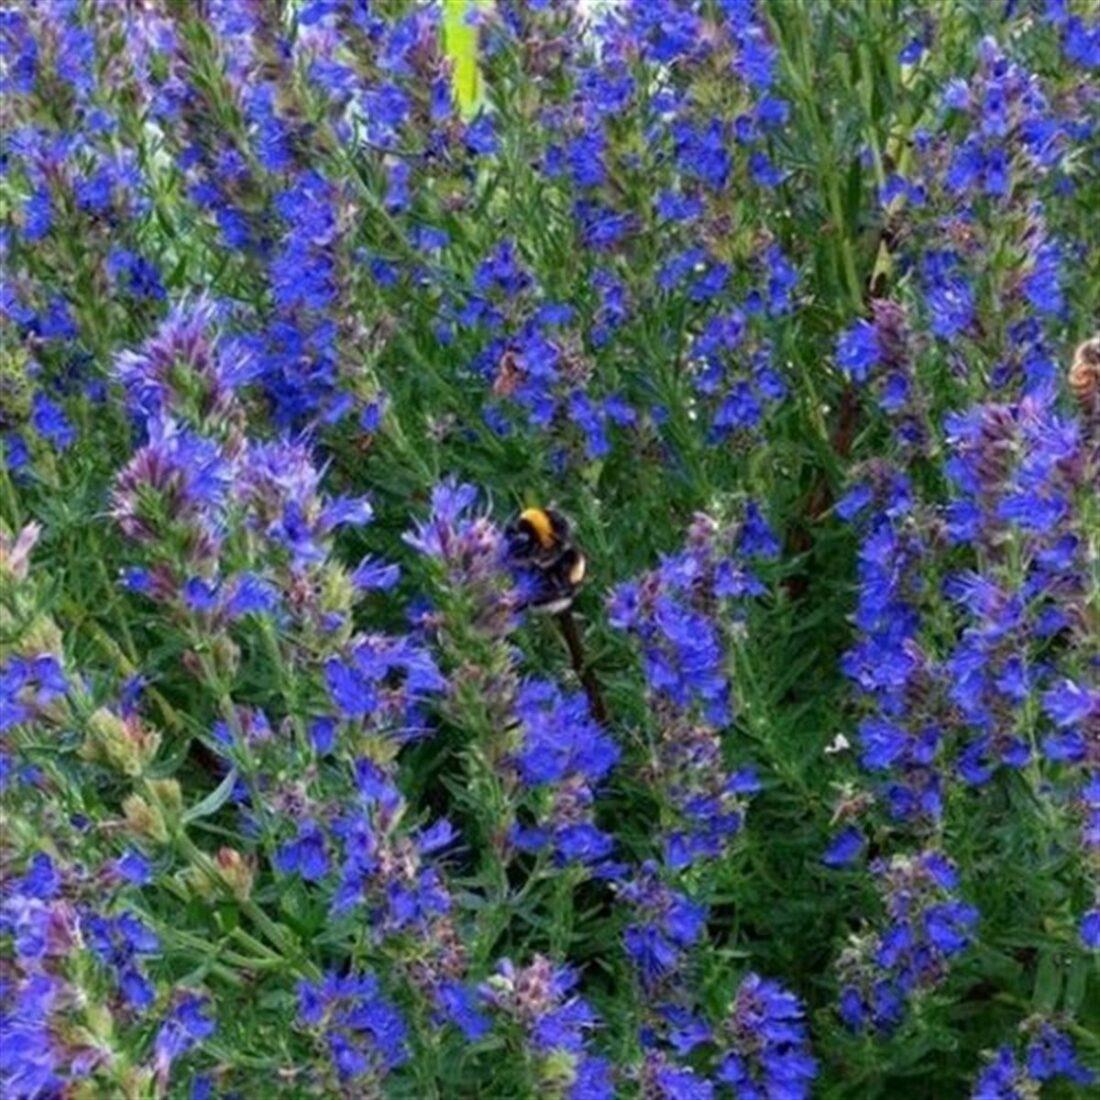 101 Çeşit Şifalı Bitki Ve Baharat Çördük (Hyssopus Officinalis)